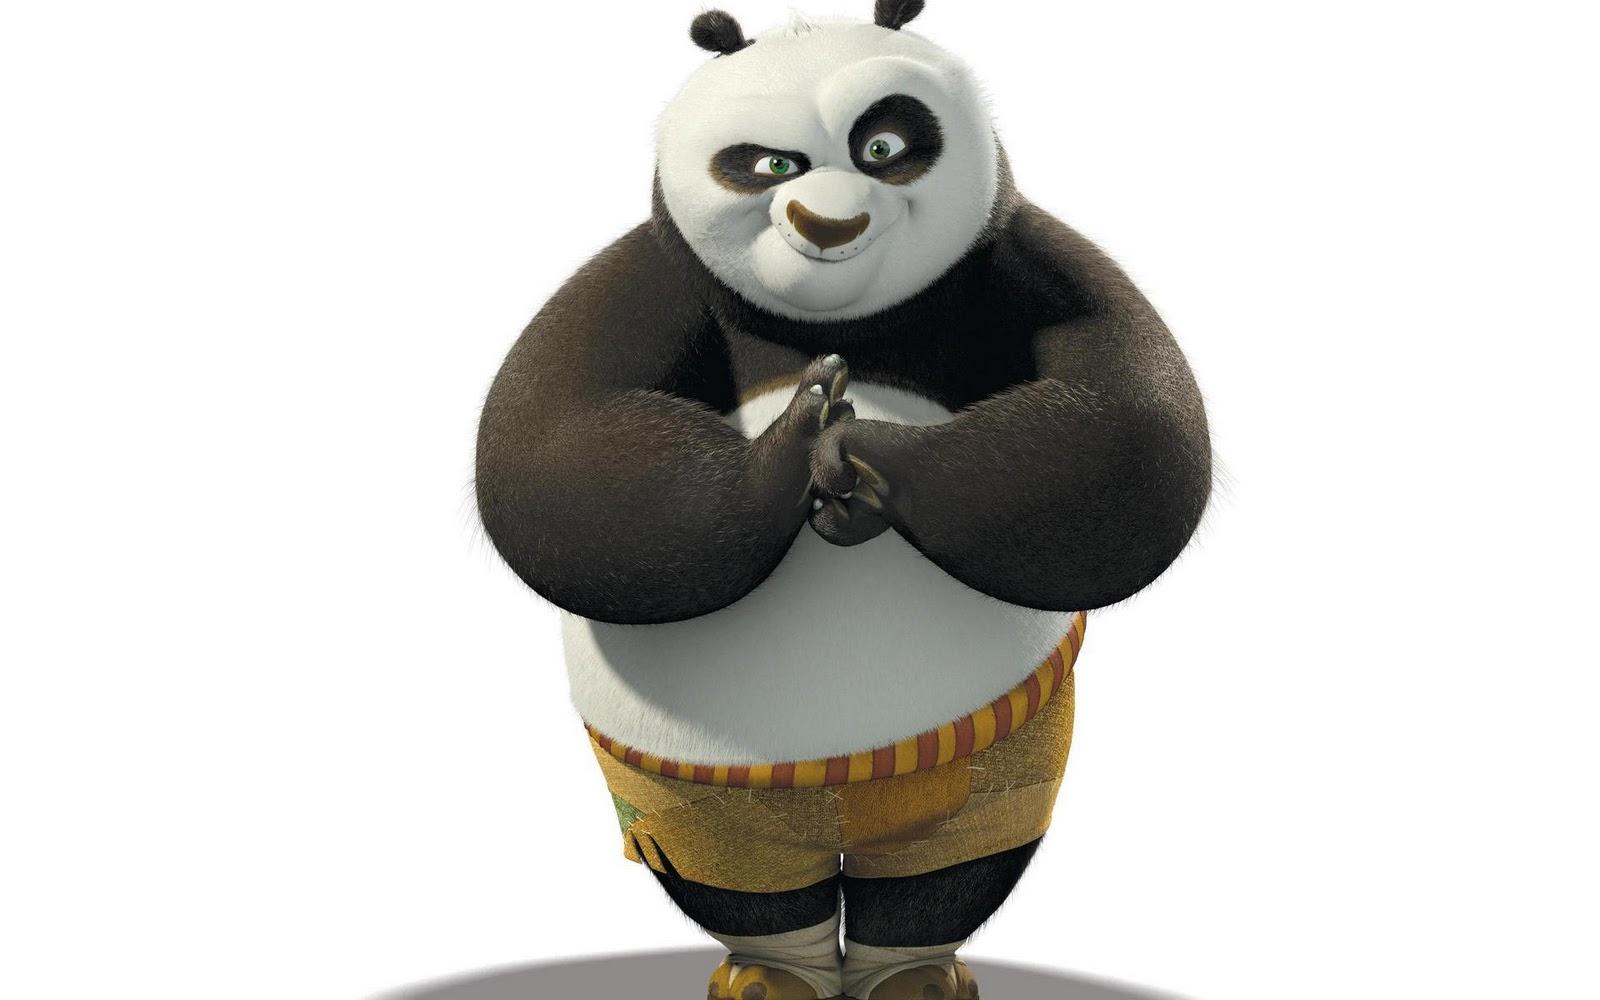 http://4.bp.blogspot.com/-kgoj9rdeN7c/TpVFQXpecCI/AAAAAAAAHUw/SXR0gGH-Qv0/s1600/Kung-Fu-Panda-2-Wallpaper-2.jpeg